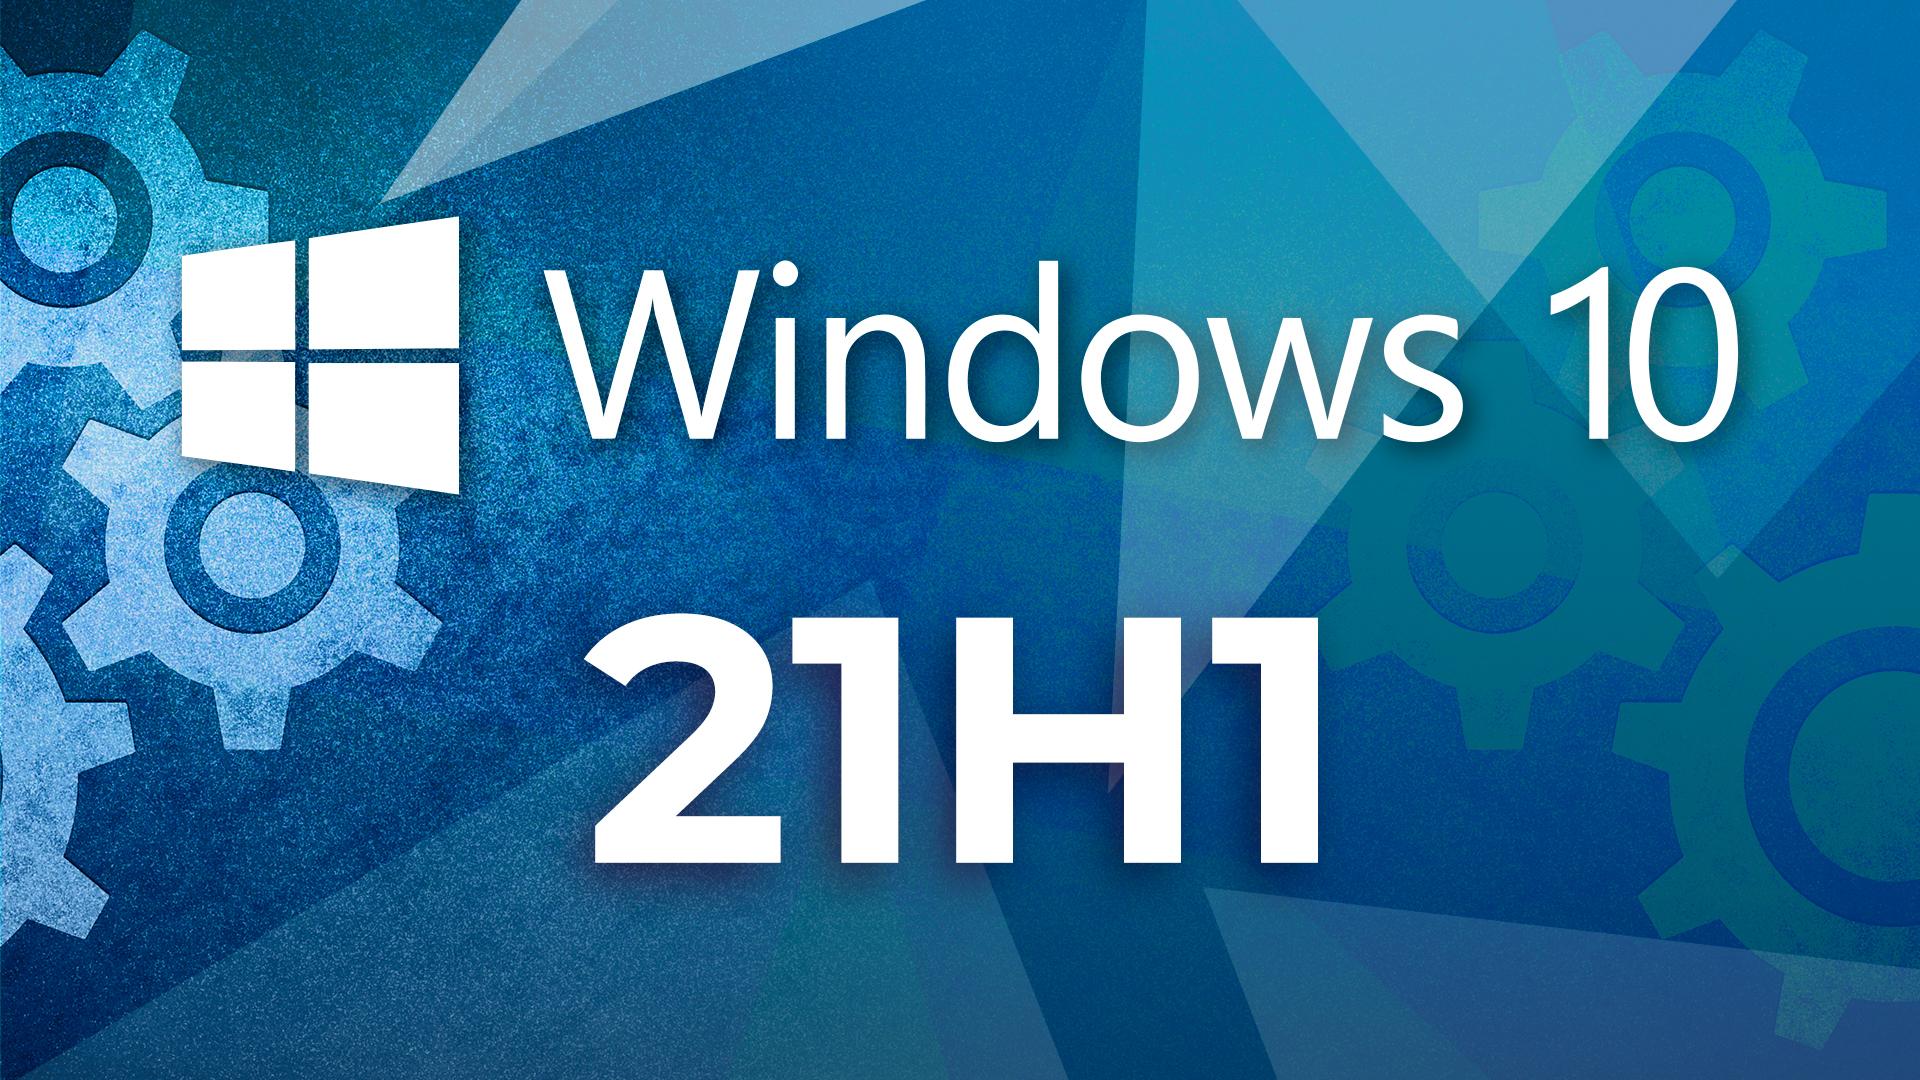 Windows 10, Insider Preview, Windows Update, Microsoft Windows, Microsoft Windows 10, 21H1, Windows 10 21H1, Windows 10 2021 Update, Zahnrad